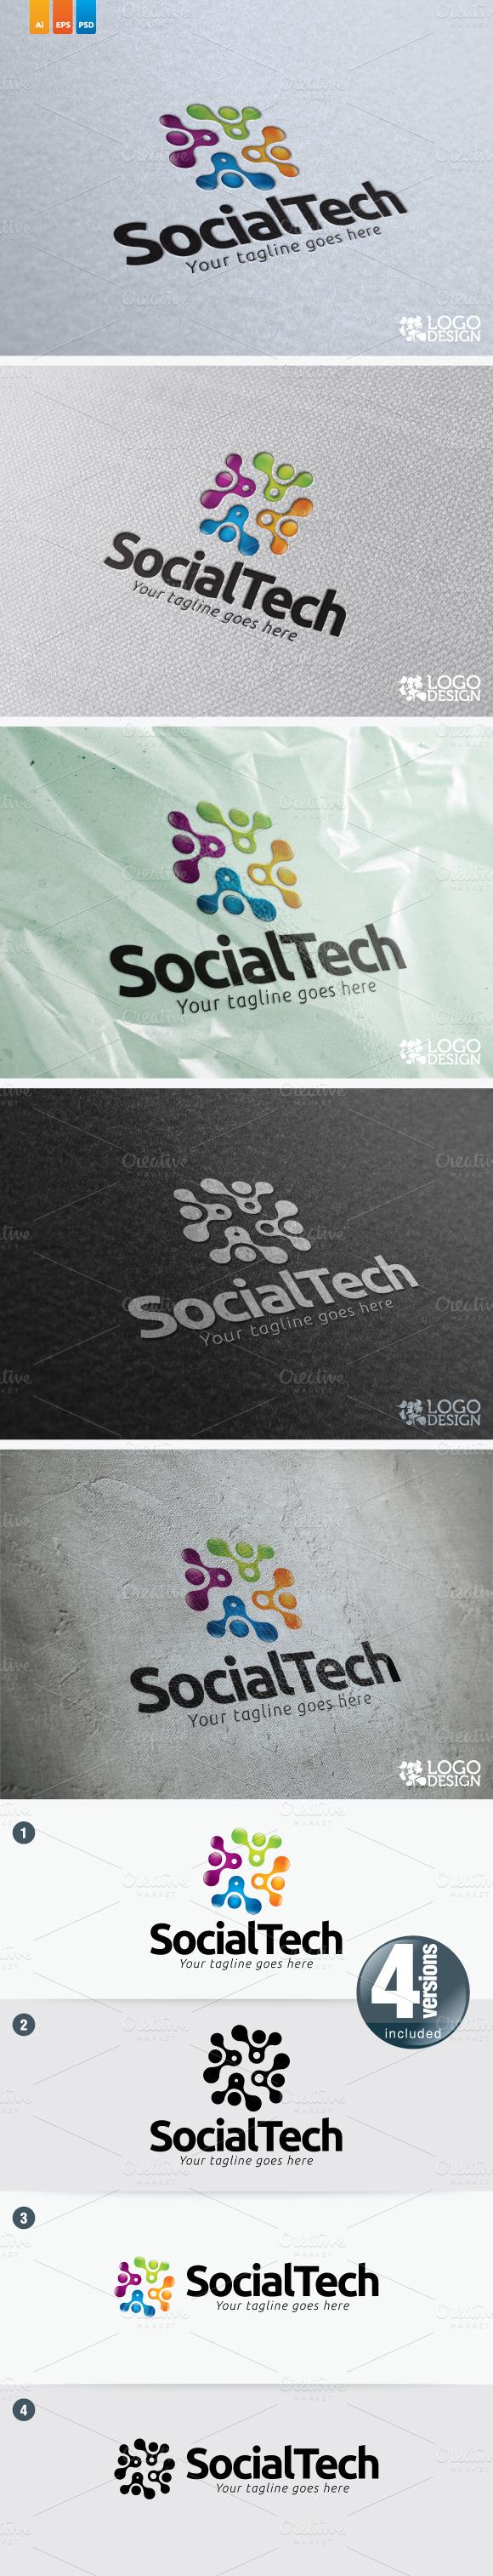 Social Tech